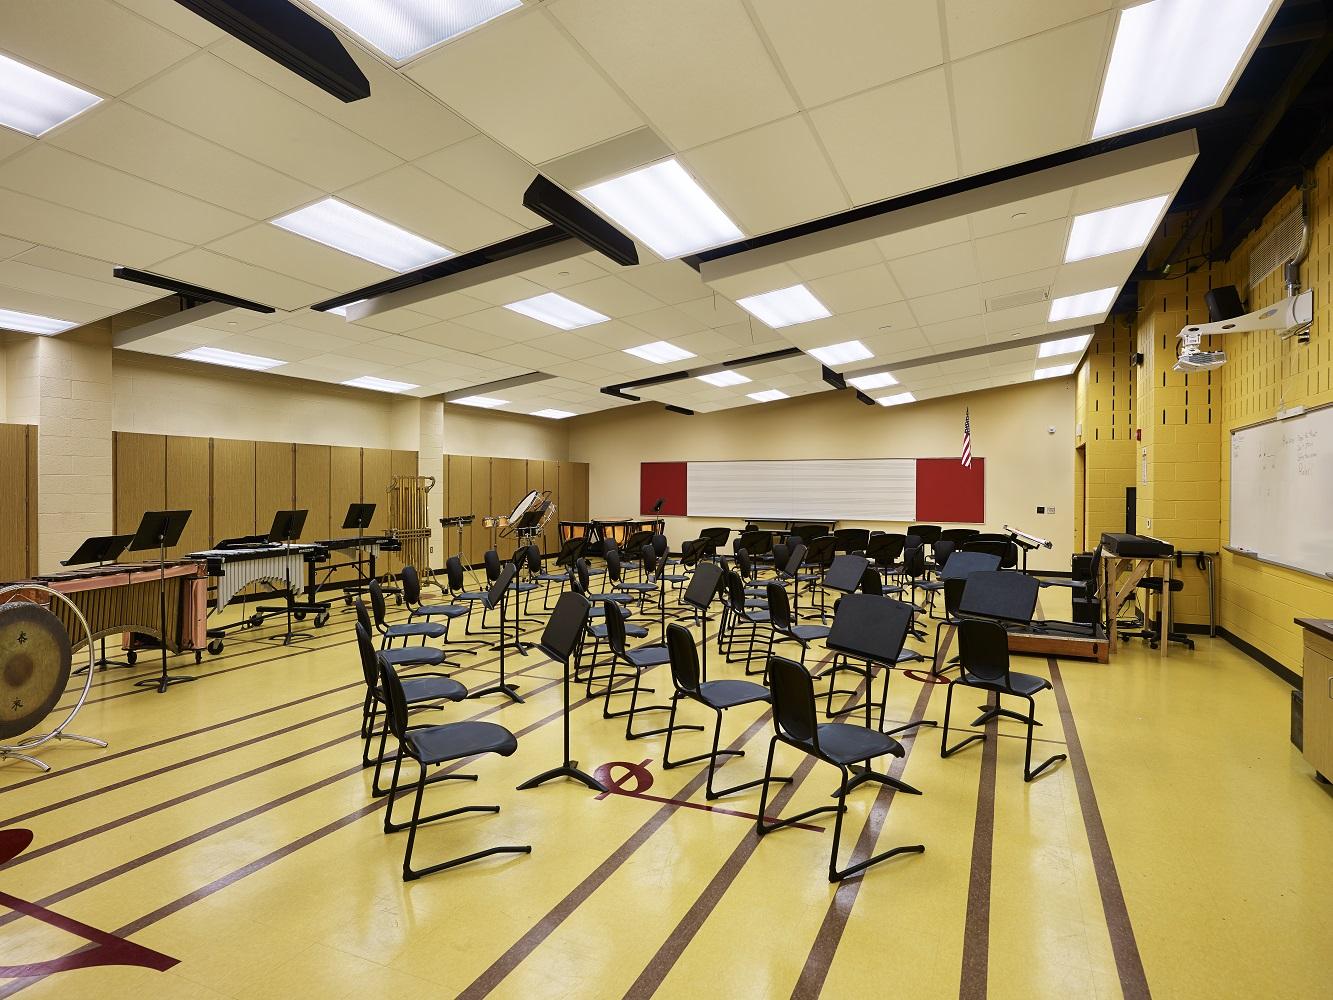 Interior-17.jpg